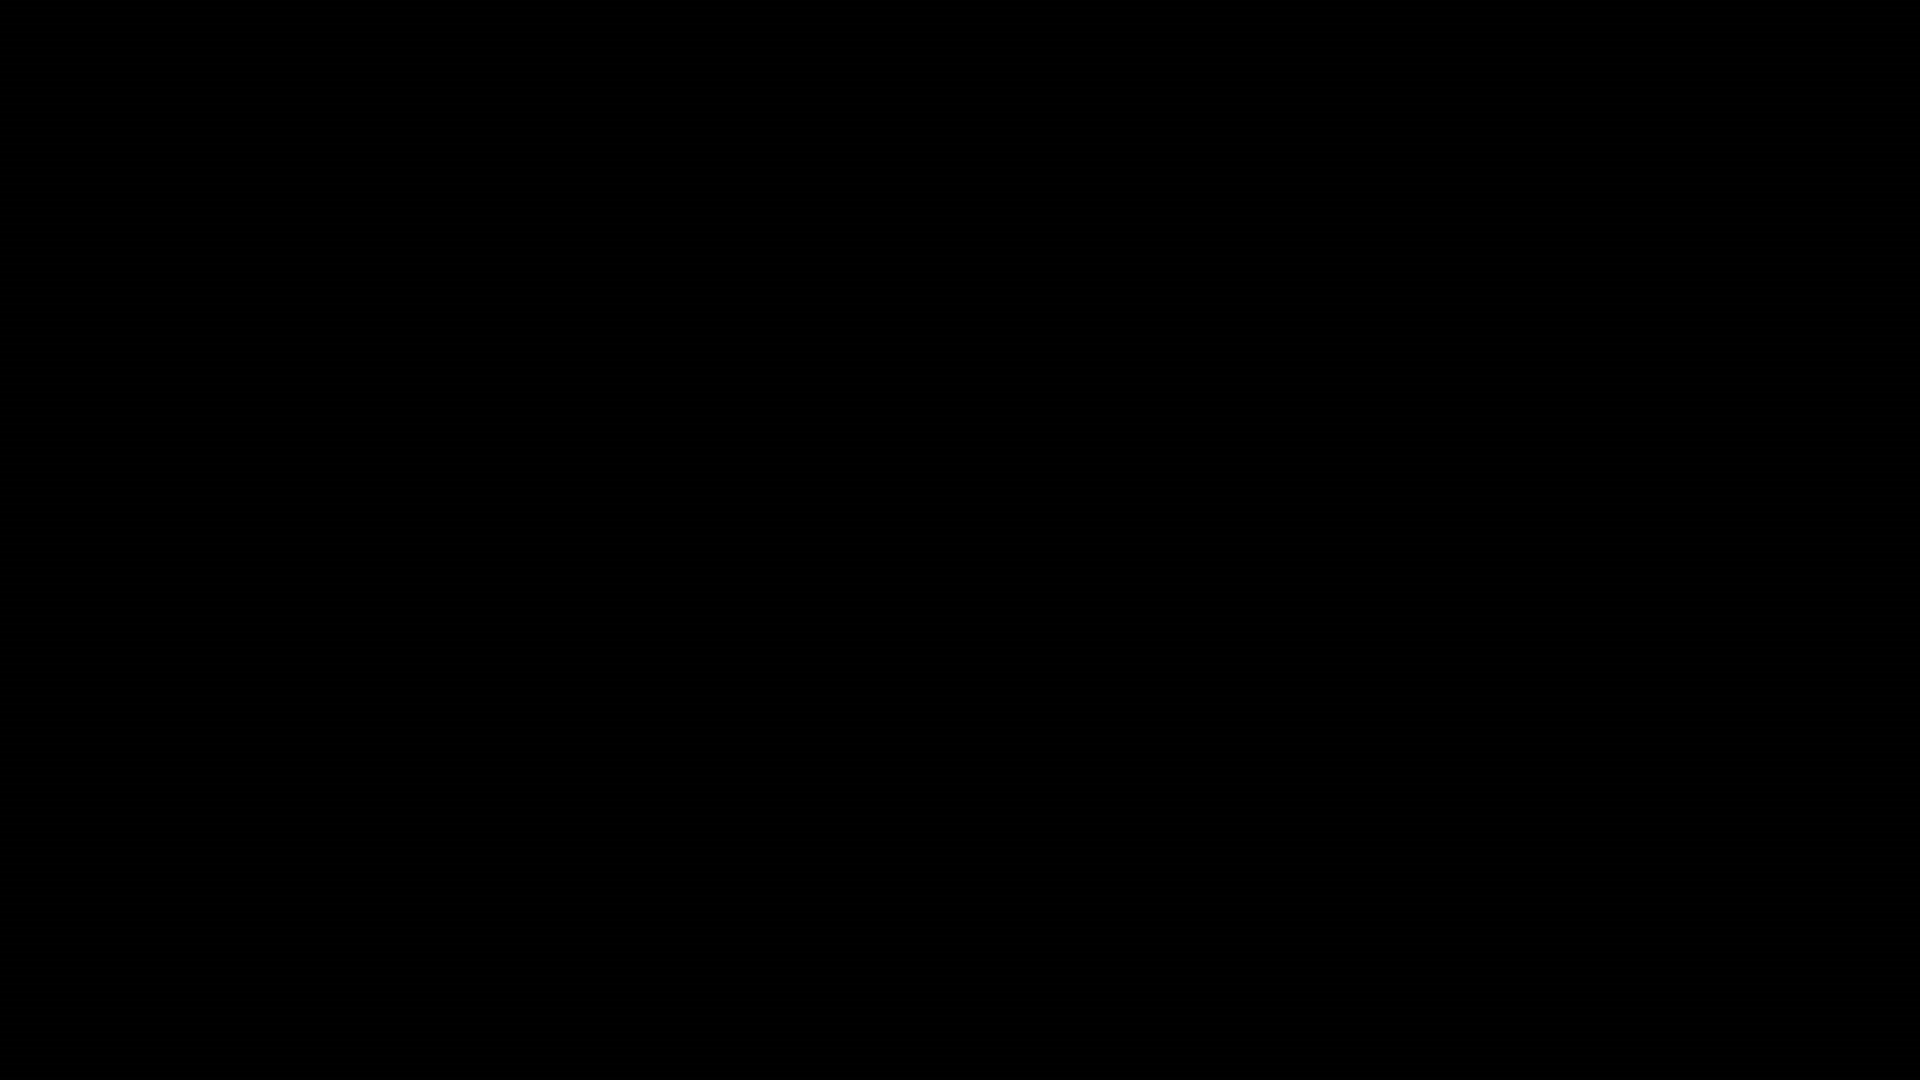 2019 IGS Cá Trò Chơi Kit Đại Dương Vua 2 Con Quái Vật Trò Chơi CPU Đại Dương Vua 2 Cộng Với Con Quái Vật Trò Chơi Hội Đồng Quản Trị